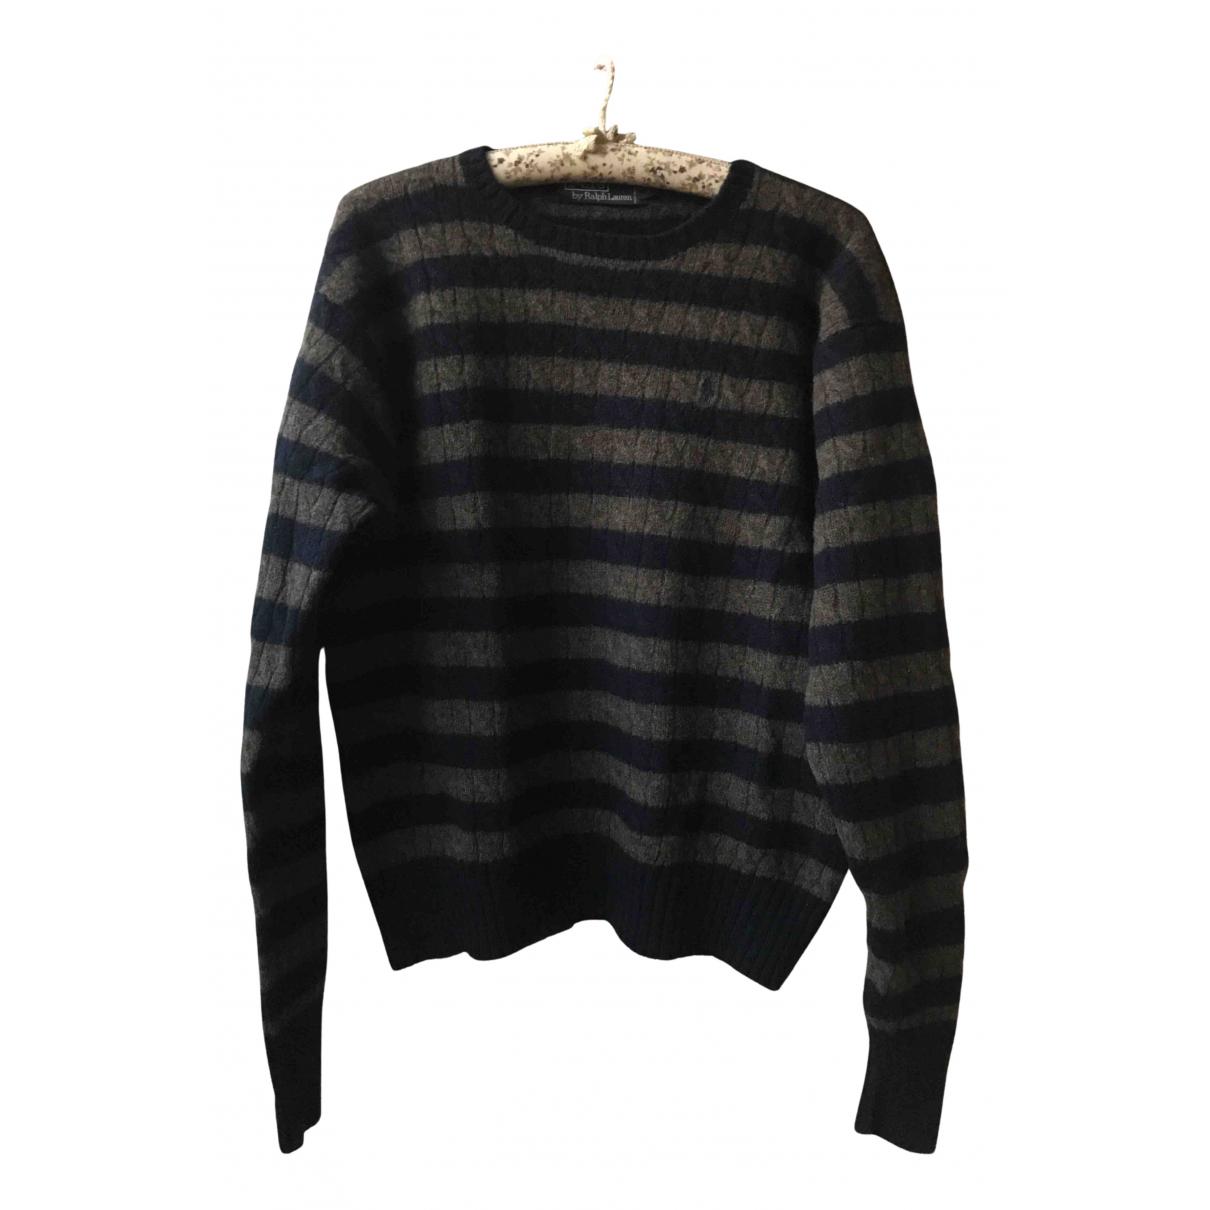 Polo Ralph Lauren N Navy Wool Knitwear & Sweatshirts for Men M International